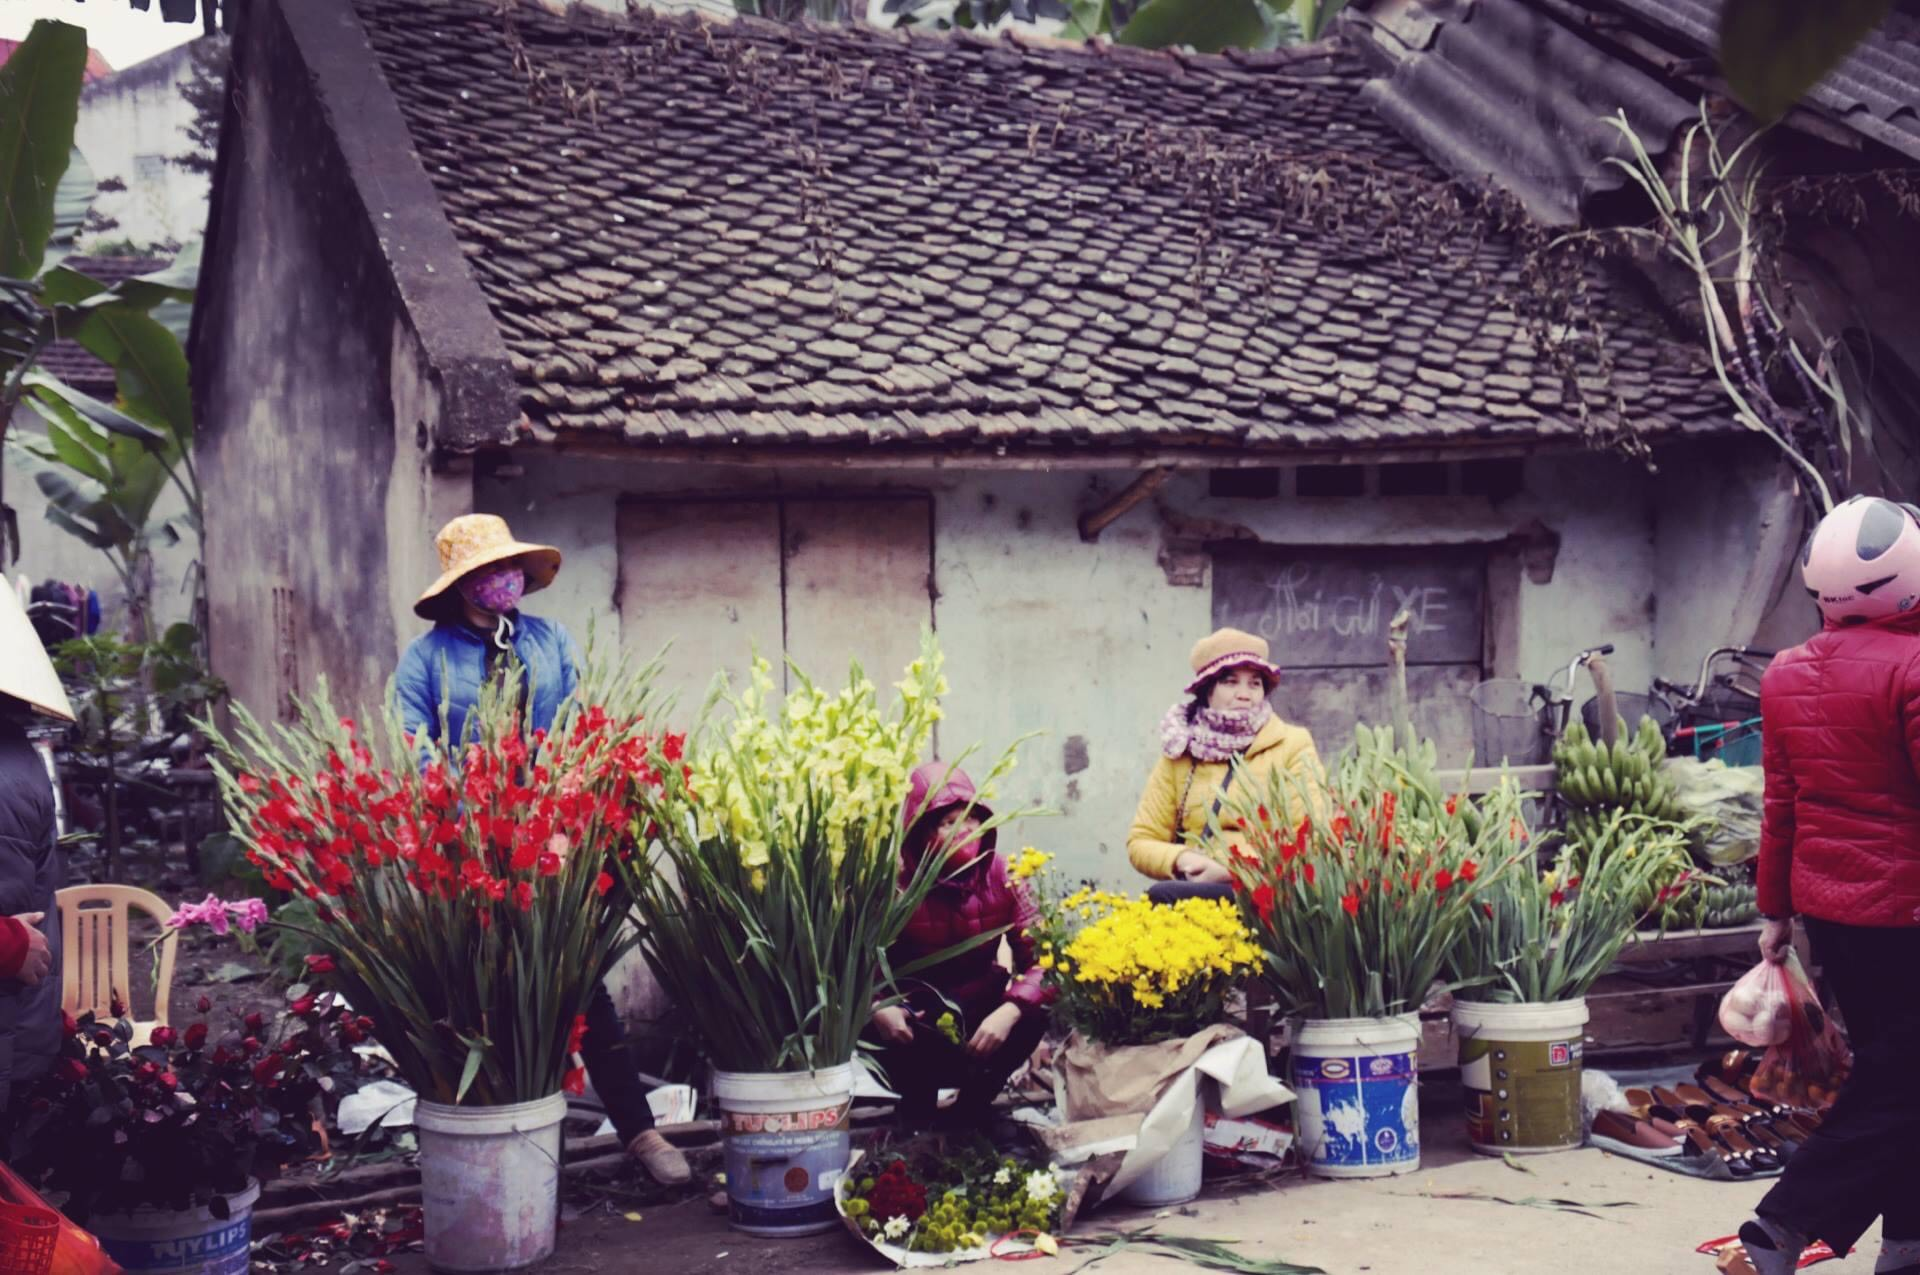 Chùm tản văn của các tác giả Hữu Ngọc, Ngô Đức Hành, Nguyễn Thị Hòe